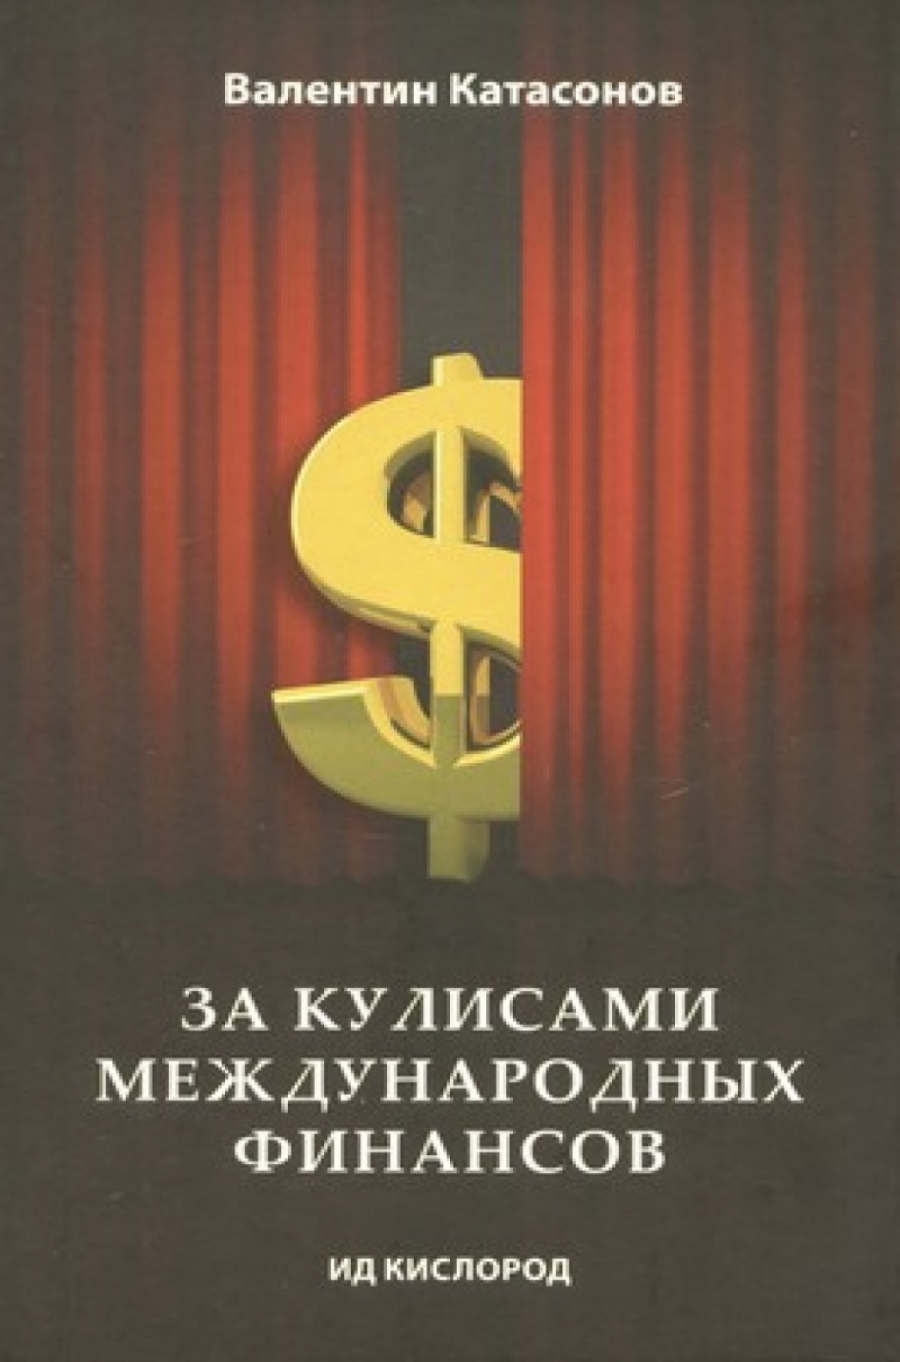 Обложка книги:  катасонов в.ю. - за кулисами международных финансов